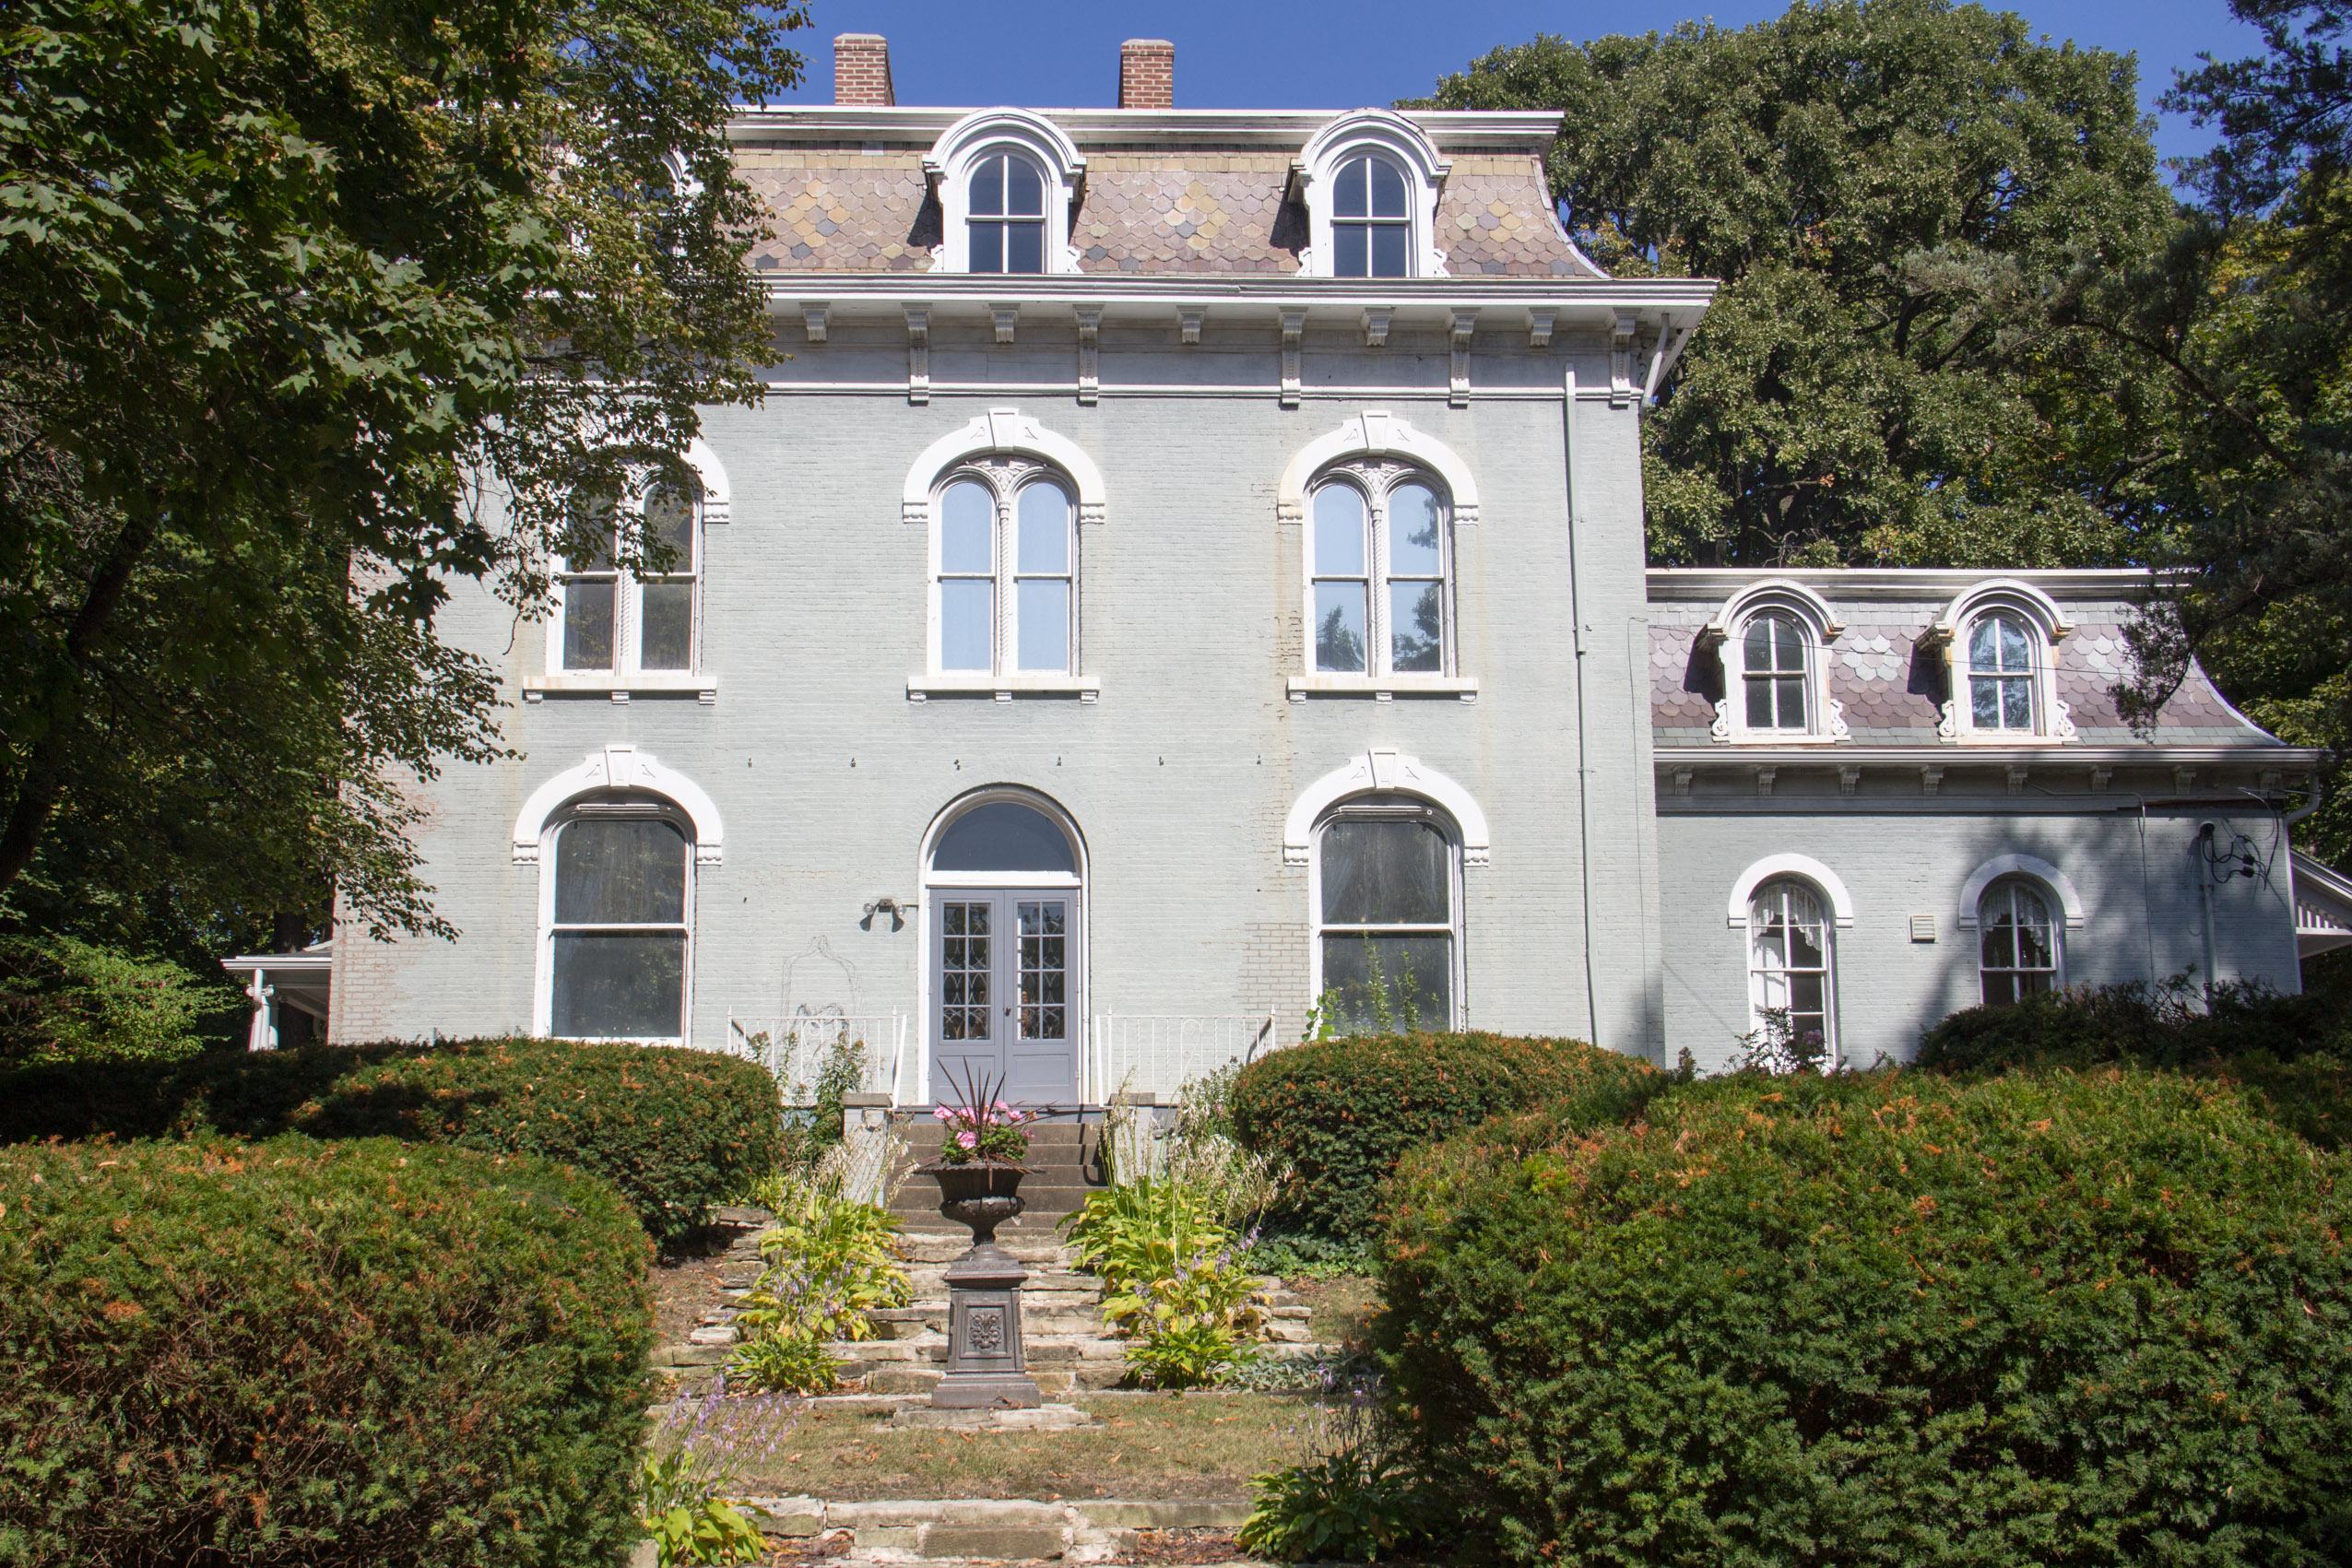 Pettengill-Morron House - garden